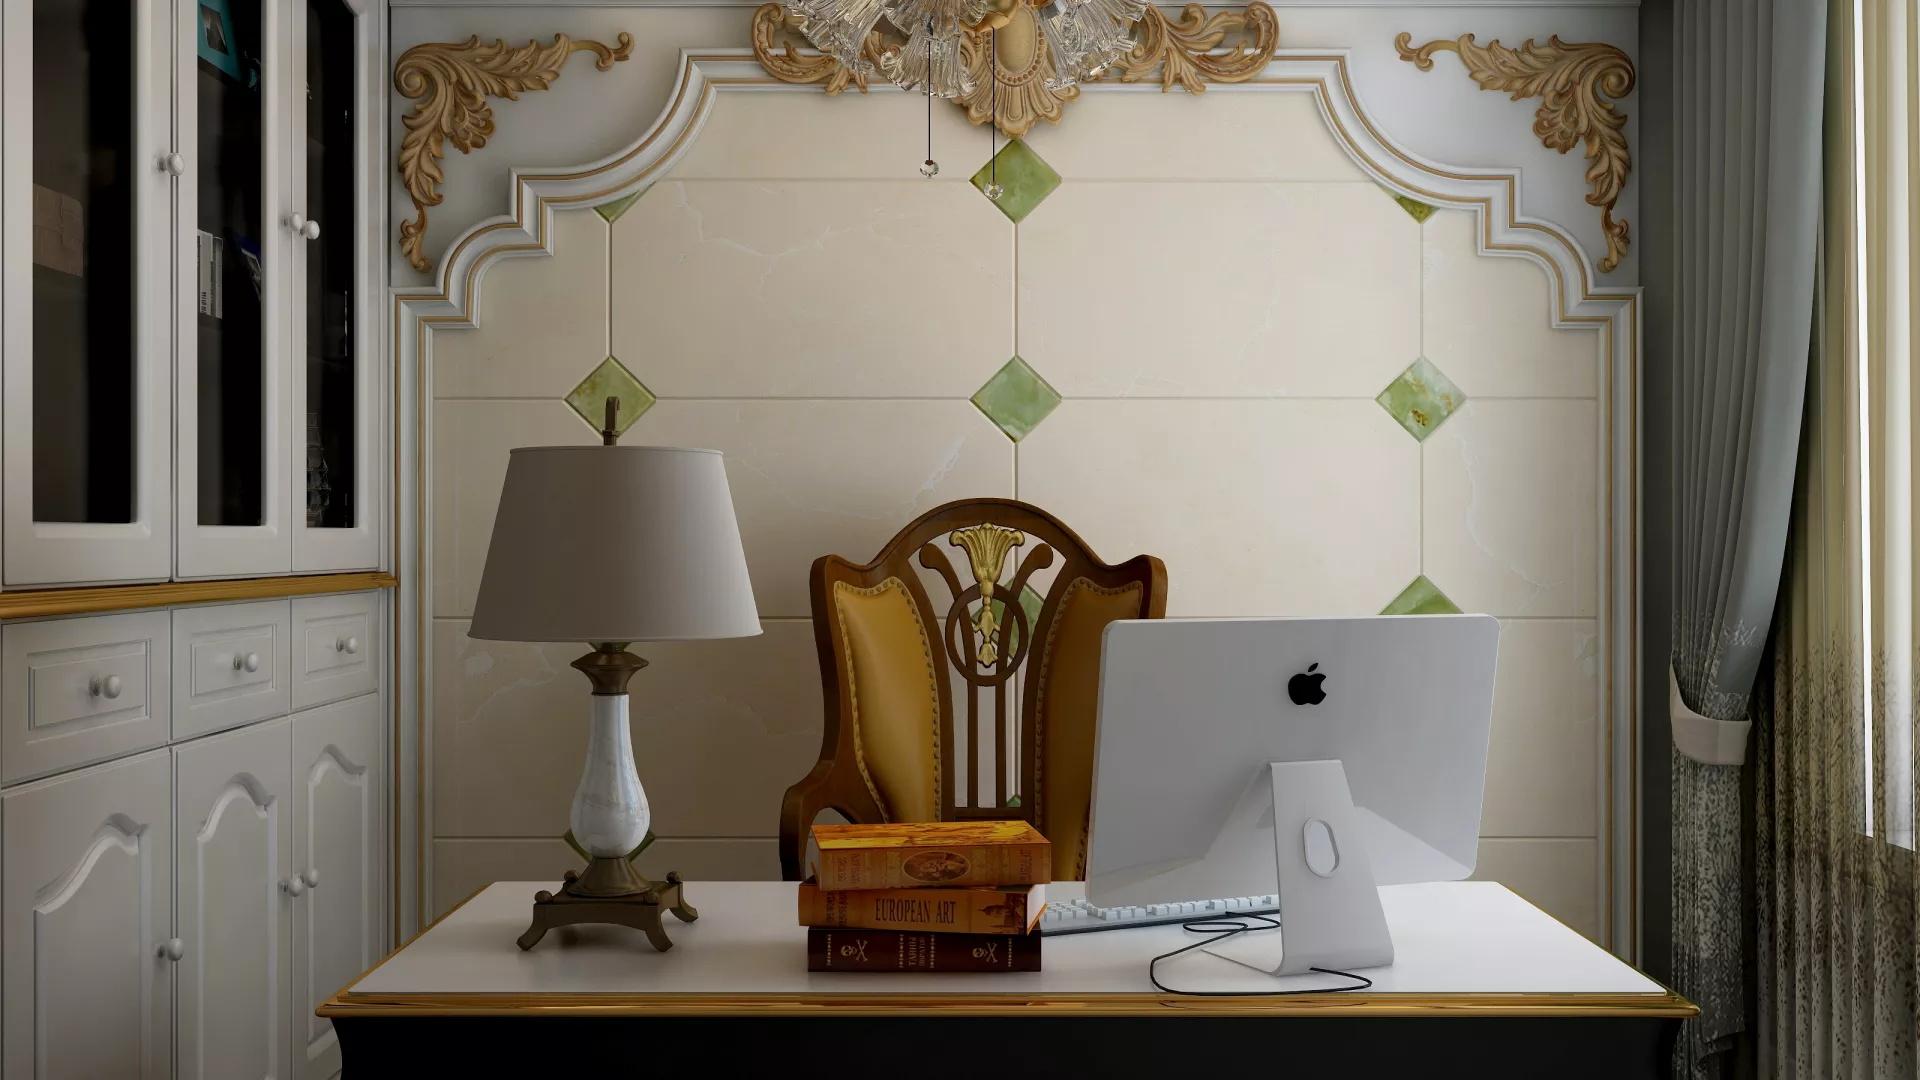 宜家风格简洁实用型客厅装修效果图